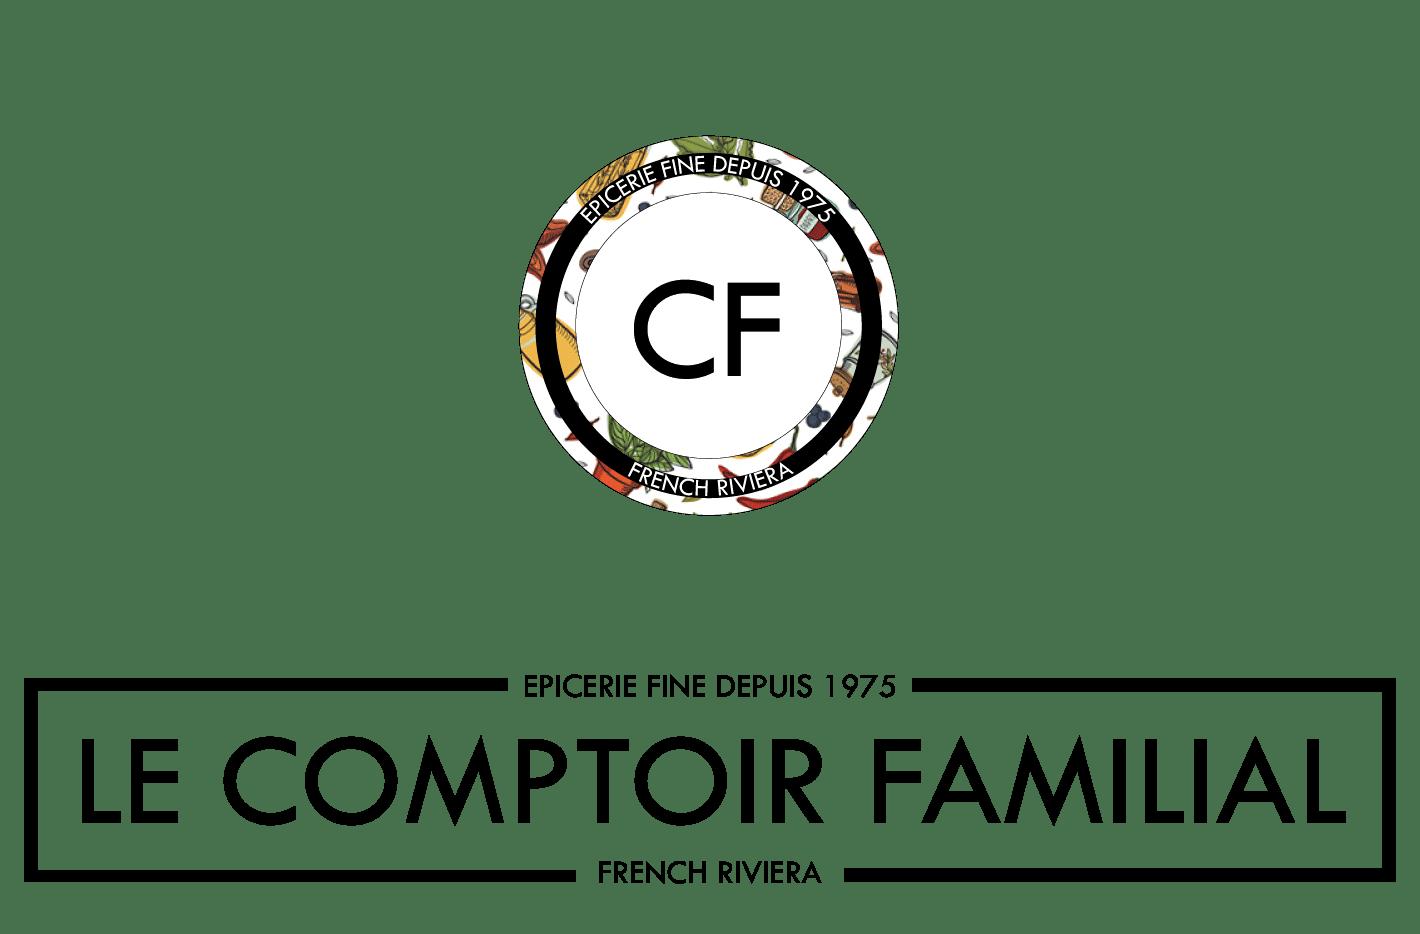 (Re)positionnement / Naming / Signature / Identité visuelle/ Extension de marque / Plateforme de marque  branding / Direction Artistique, Naming, identité visuelle de marque, Slogan, Logotype et charte graphique / infographic design / création graphique sur mesure / event branding / brand guide / brand development / social media branding / brand naming / visual brand positioning / corporate branding / logo design / packaging design / corporate identity / branding and positioning / branding and brand development / visual identities and branding / brand identity logotype / typography / graphic design / creations logos / chartes graphiques / motion design / motion graphics / brand identity / brand content / branding strategy / identité visuelle / graphisme / graphic identity / identity design / branding & identity design / visual identity / visual identity creation / creation affiche publicitaire / campagne publicitaire / video & pub / communication / stratégie de communication / communication design / communication corporate / communication strategy / communication opérationnelle / création de contenu rédactionnel et visuel / visual strategy / visual design / logo design / graphic design / design / digital & web design / print design / packaging design / brand design / brochure design / digital design / design thinking / stationery design / creative design / illustration / photo illustrations / photographie illustration / print advertising / print / design print / print magazines / print media / print campaigns / digital campaign / campaign / publicité dans les médias / création de charte graphique / création graphique / création de logo / content creation / branded content / contenu de marque / infographic / typographie / content strategy / digital content / stratégie de contenu / logo / logotype / logo creation / animation logo / conception graphique / création de logo / brand strategy / brand positioning / conseil stratégique / stratégie digitale / identity / réali